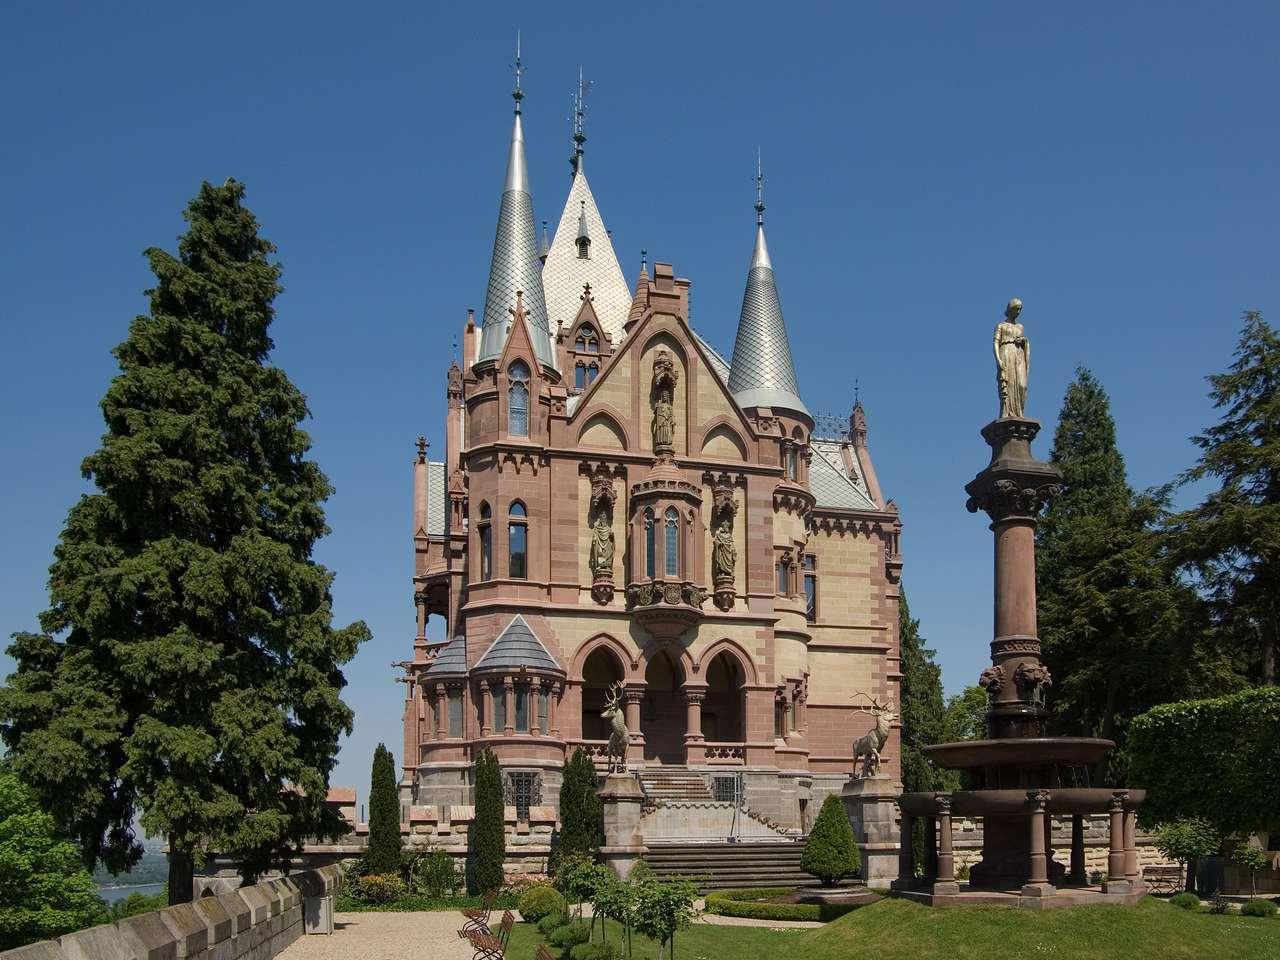 Замок драхенфельс (burg drachenfels) описание и фото - германия: северный рейн-вестфалия